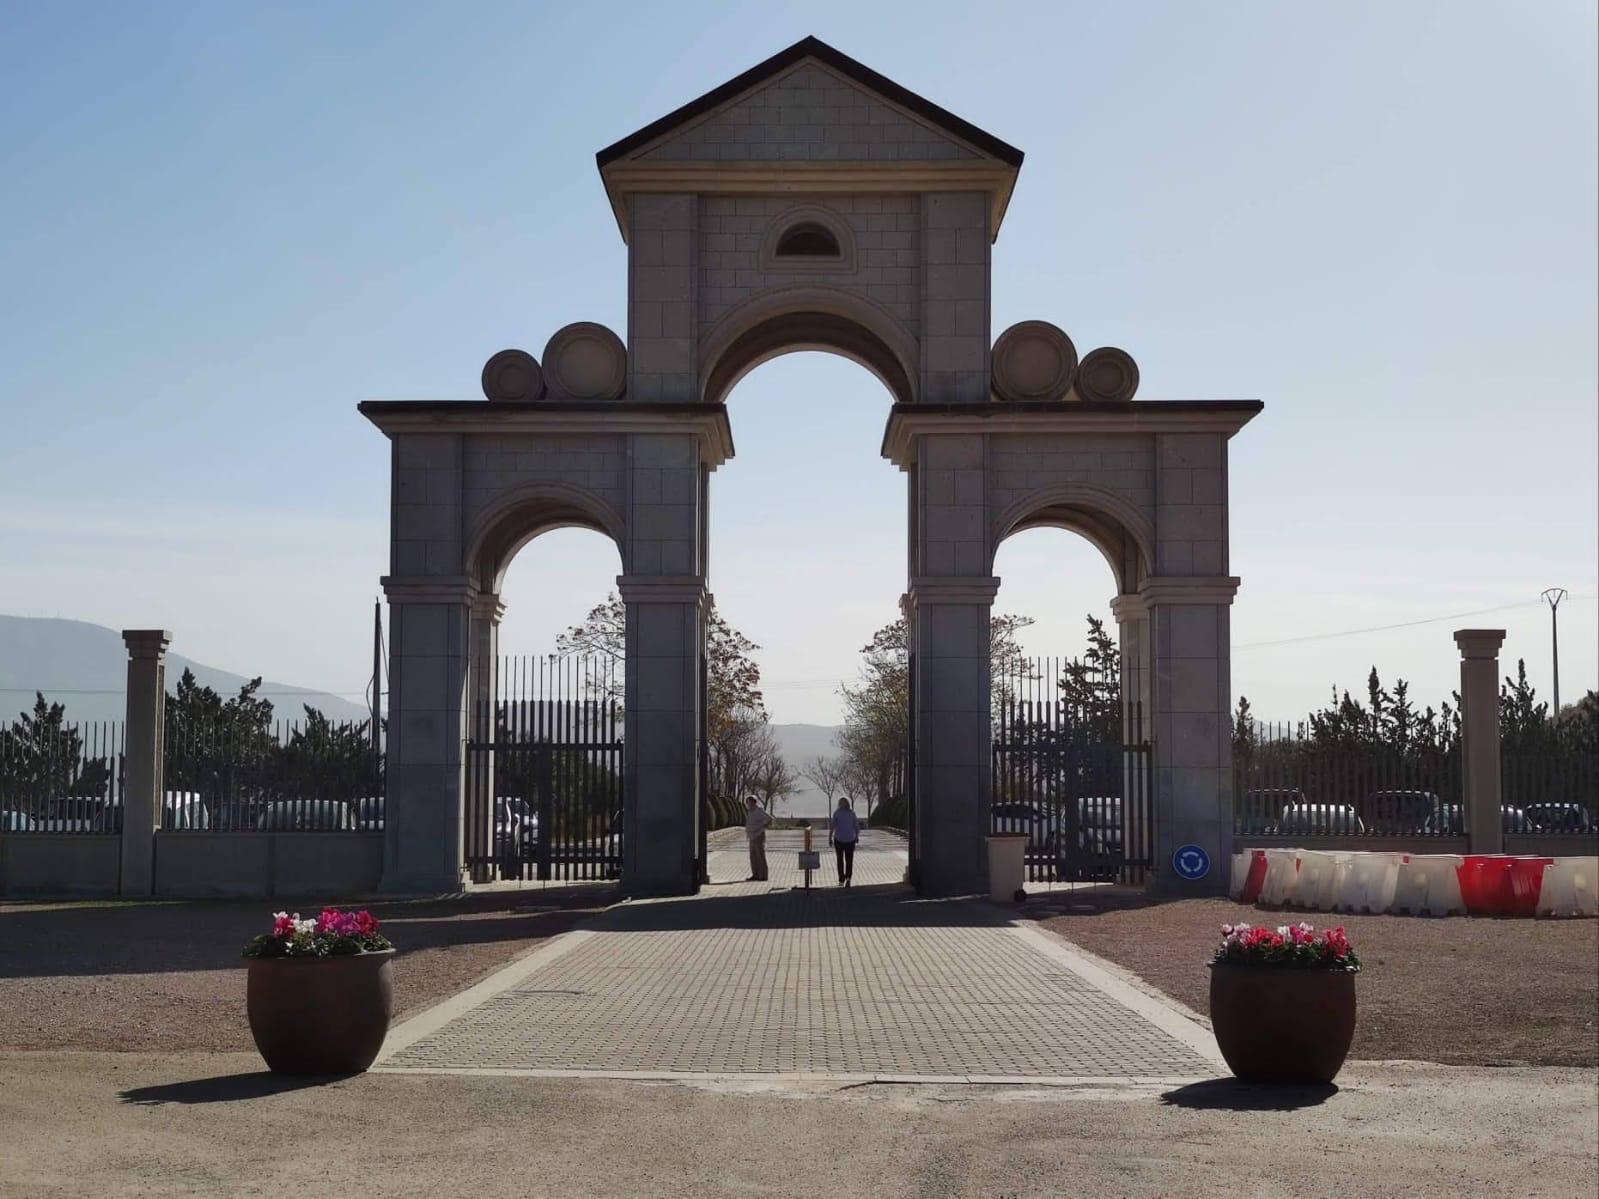 El Ayuntamiento de Elda comienza los trámites para la construcción de tres módulos con 114 nichos en el Cementerio Virgen de los Dolores